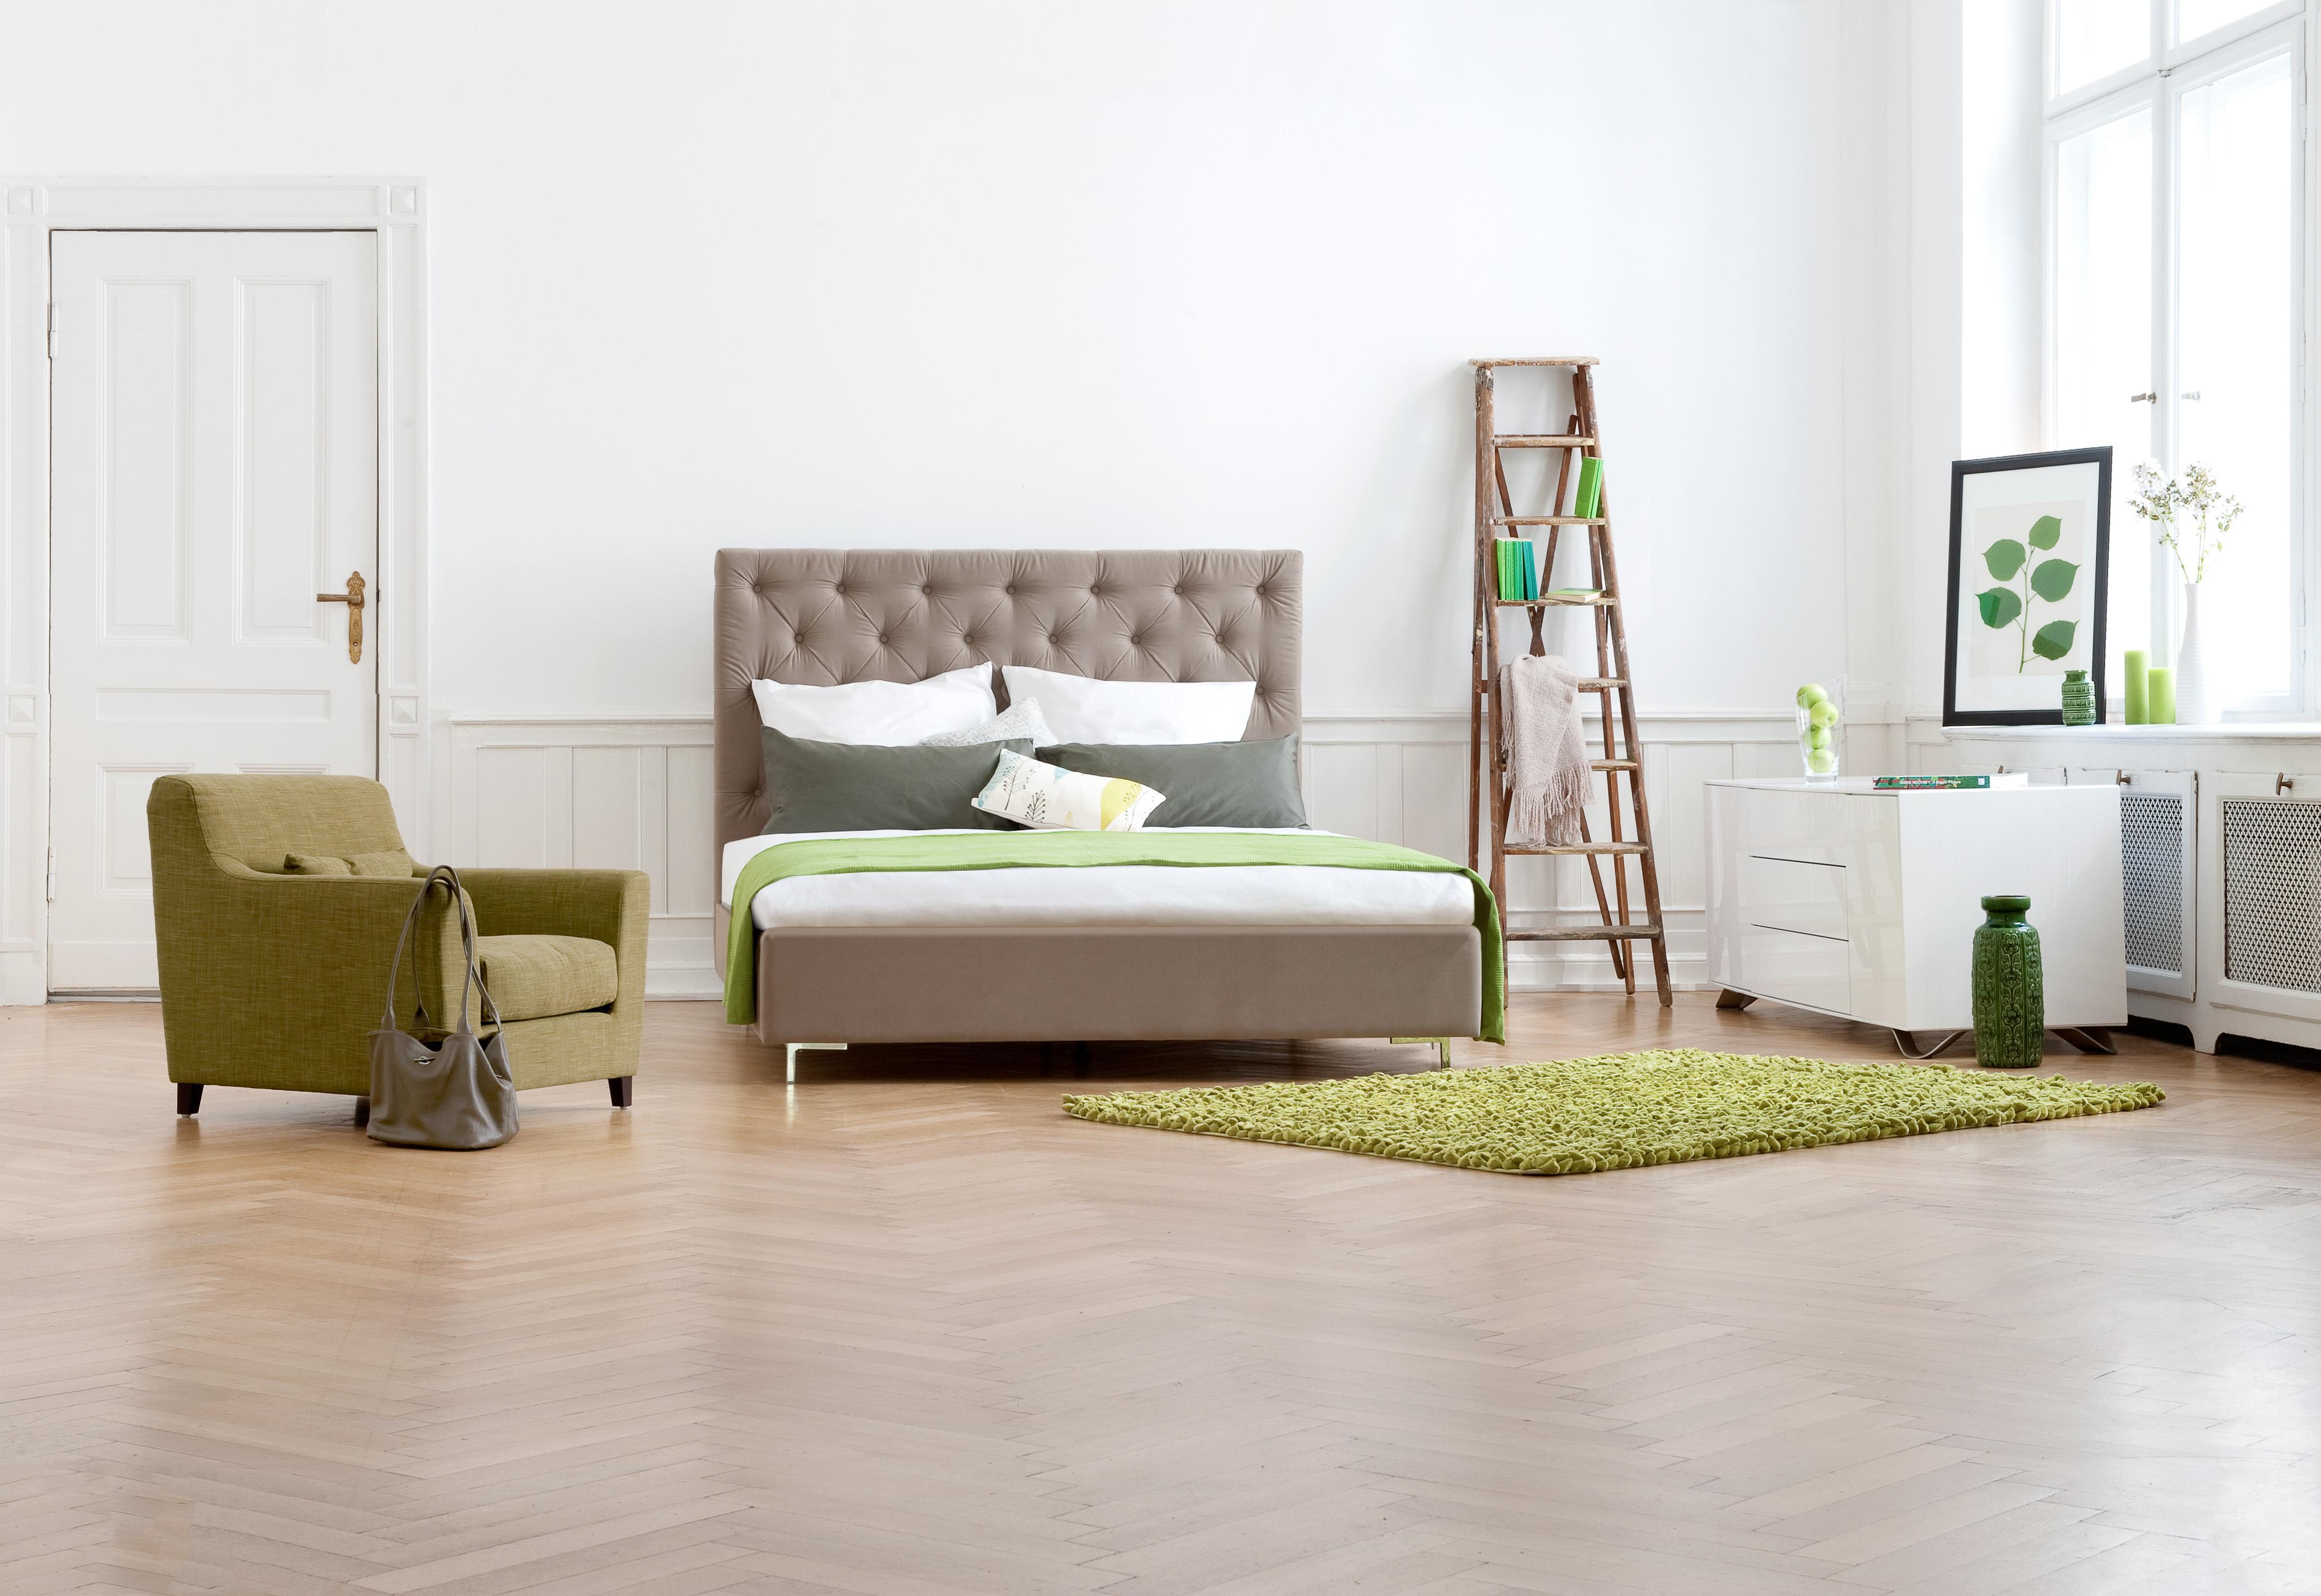 Mit Grüner Deko Das Schlafzimmer Verschönern #bett #, Schlafzimmer